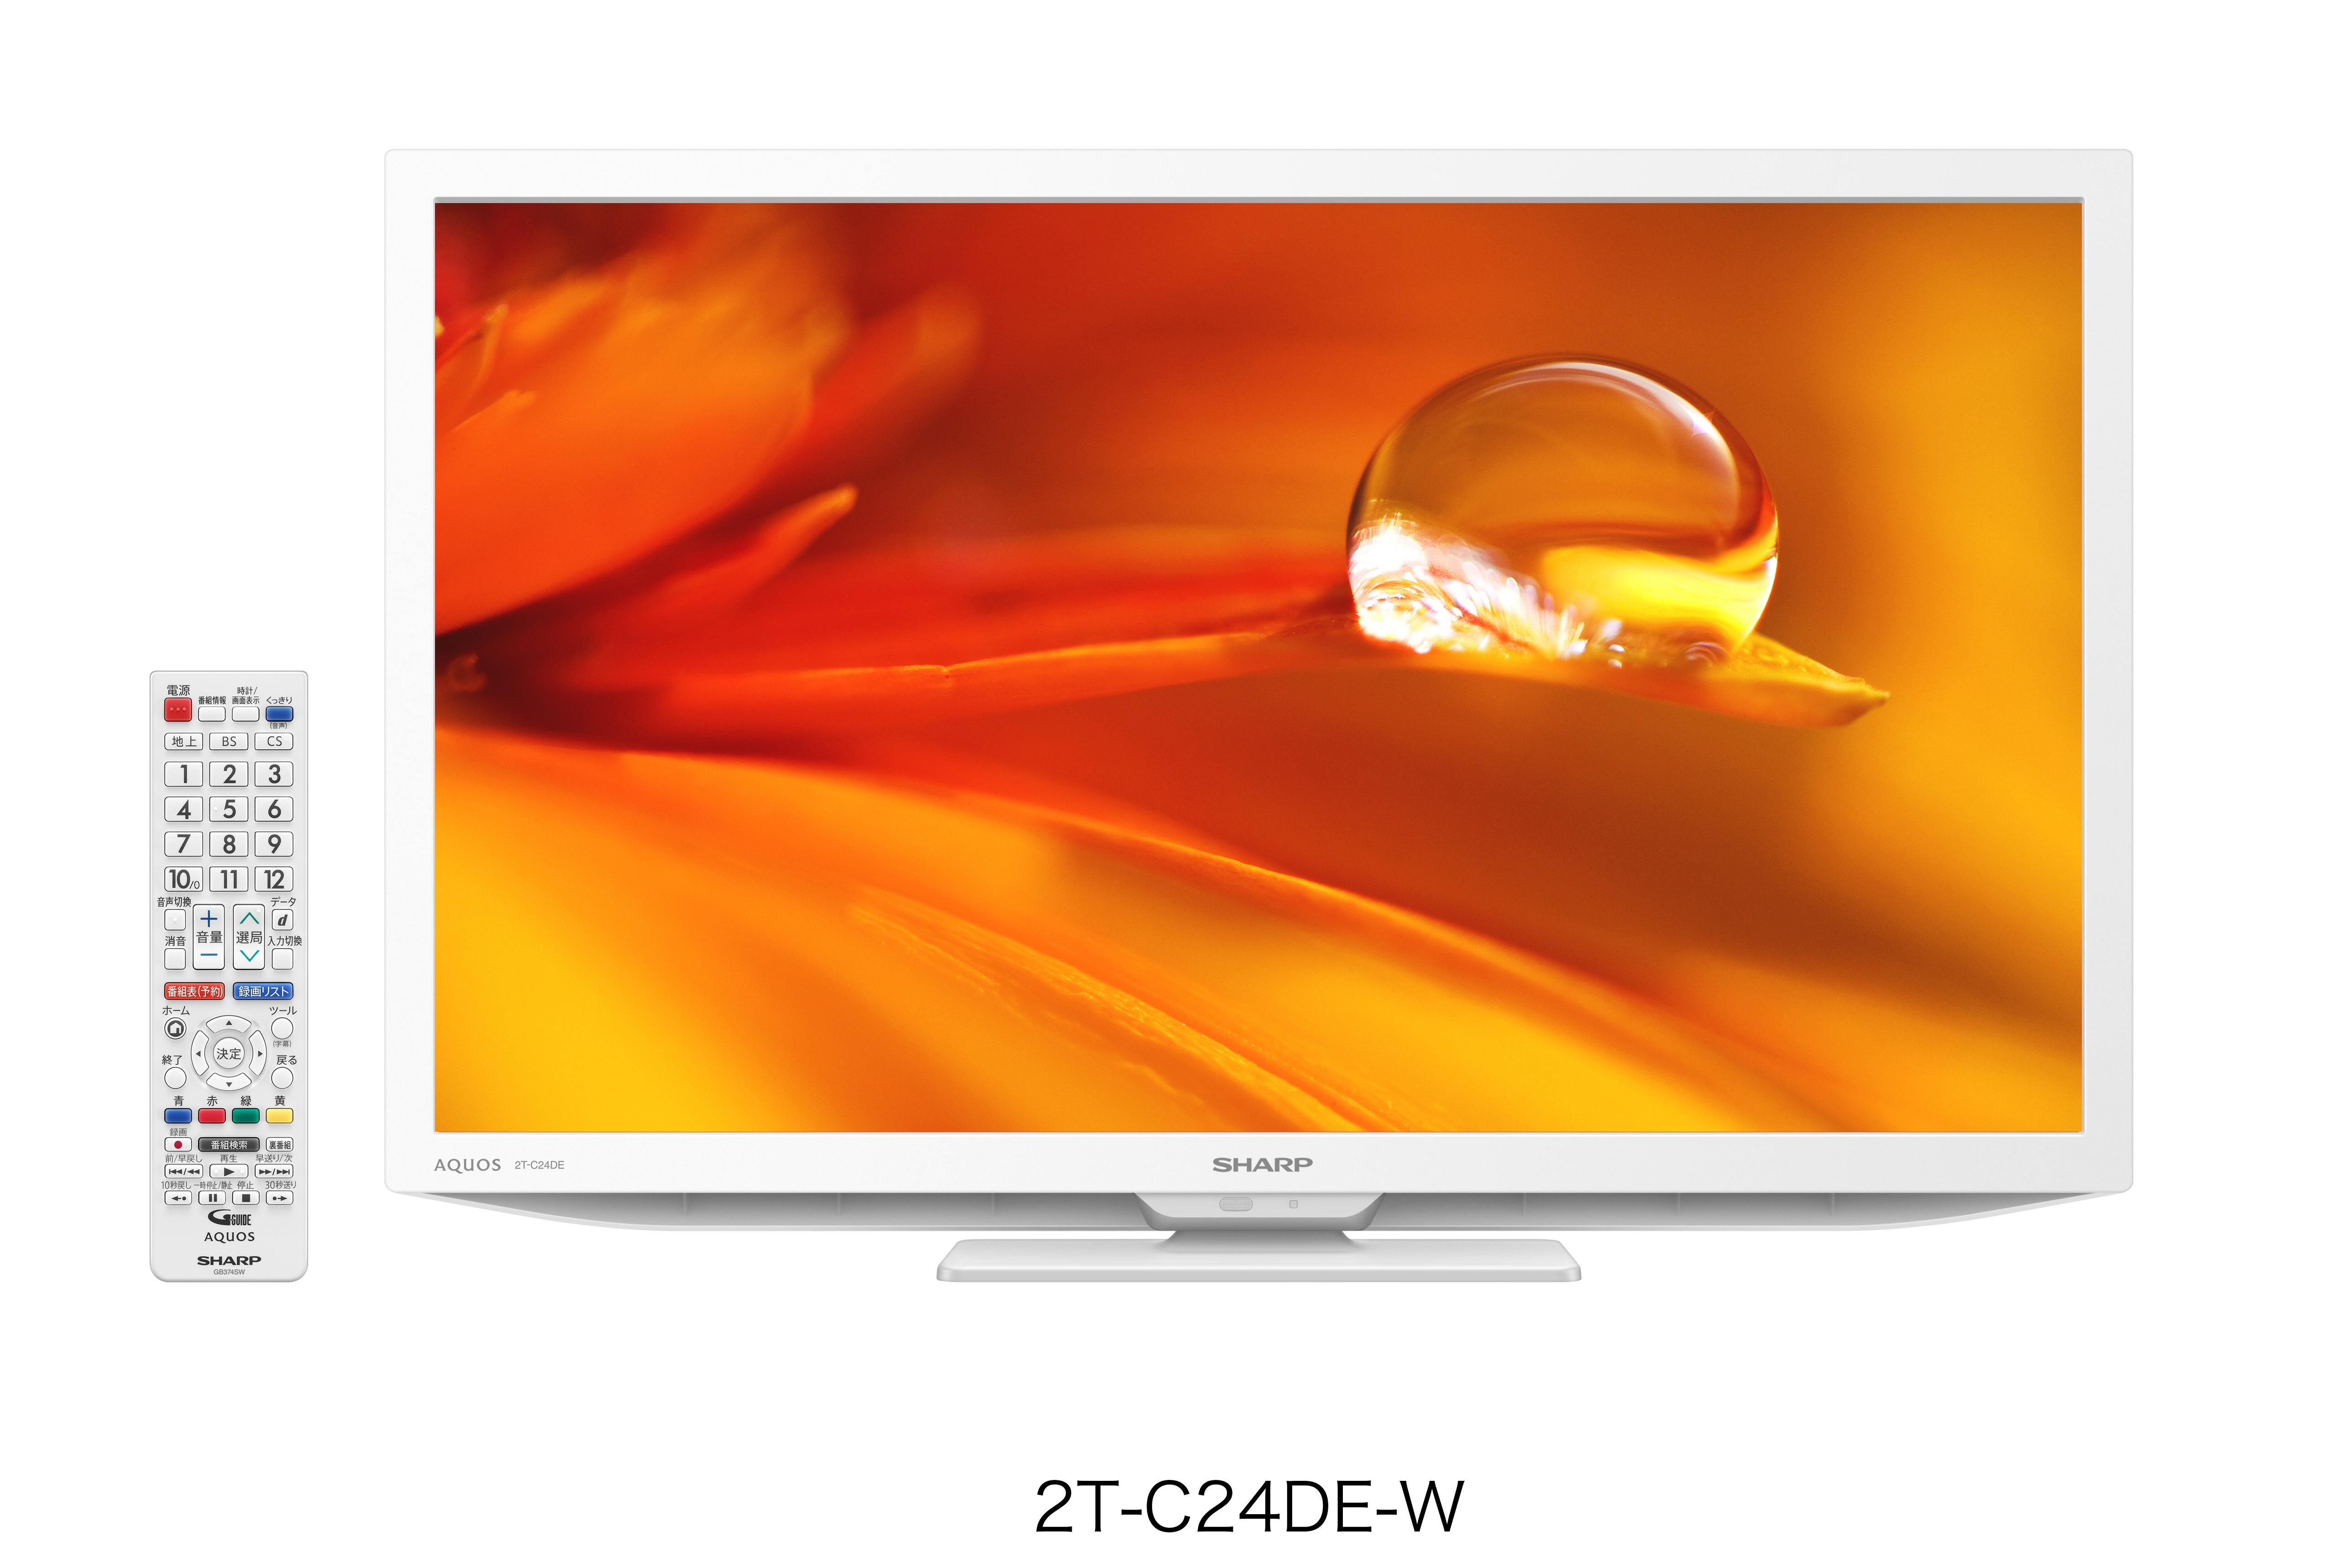 【シャープ】24型液晶テレビ 外装 縦12cm横62.6cm高さ43.7cm   ホワイト